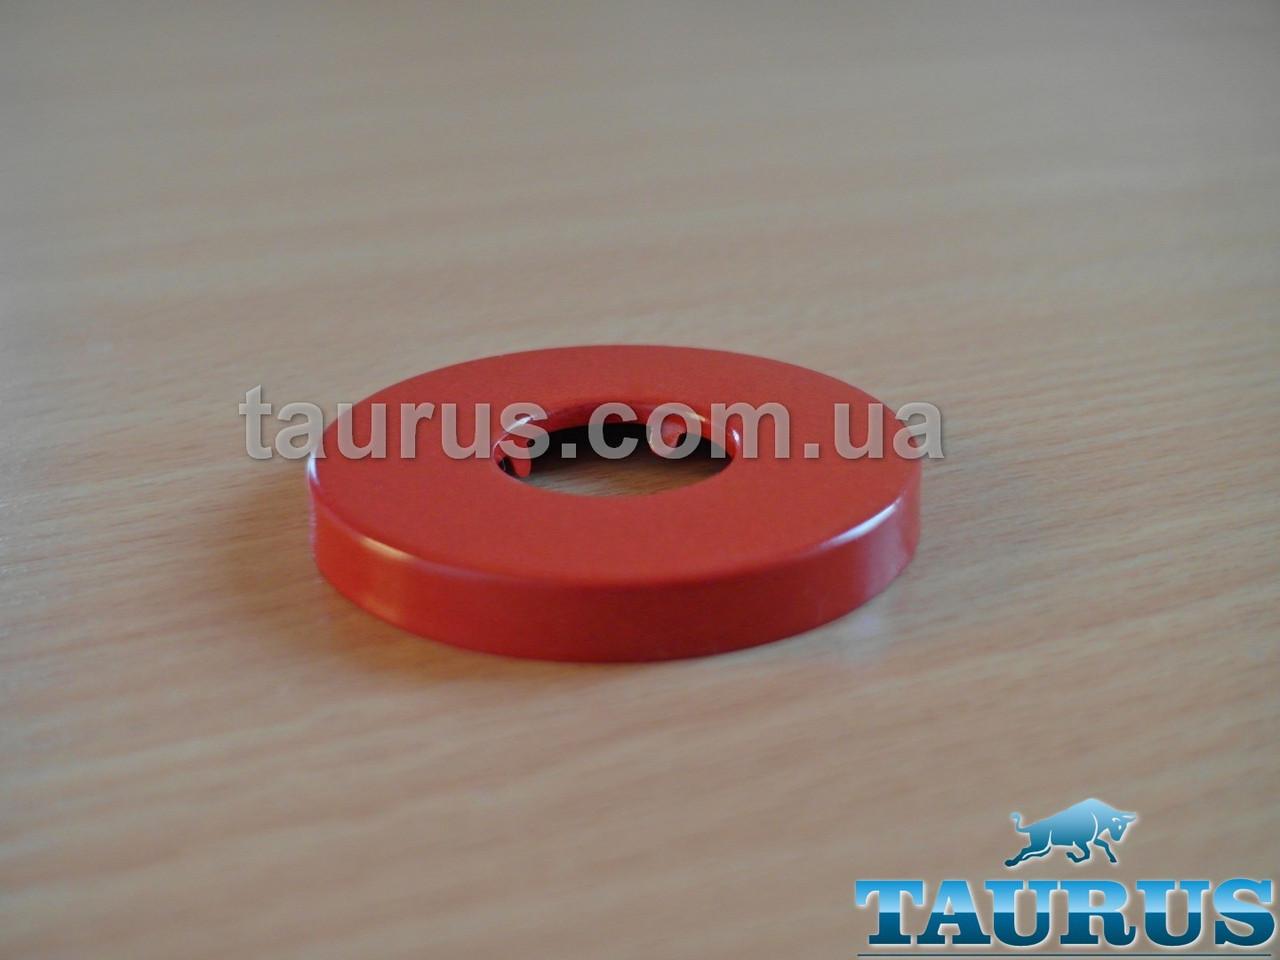 """Красный круглый объёмный декоративный фланец, размер D54 мм х высота 6 мм, под внутренний размер 1/2"""". Латунь"""